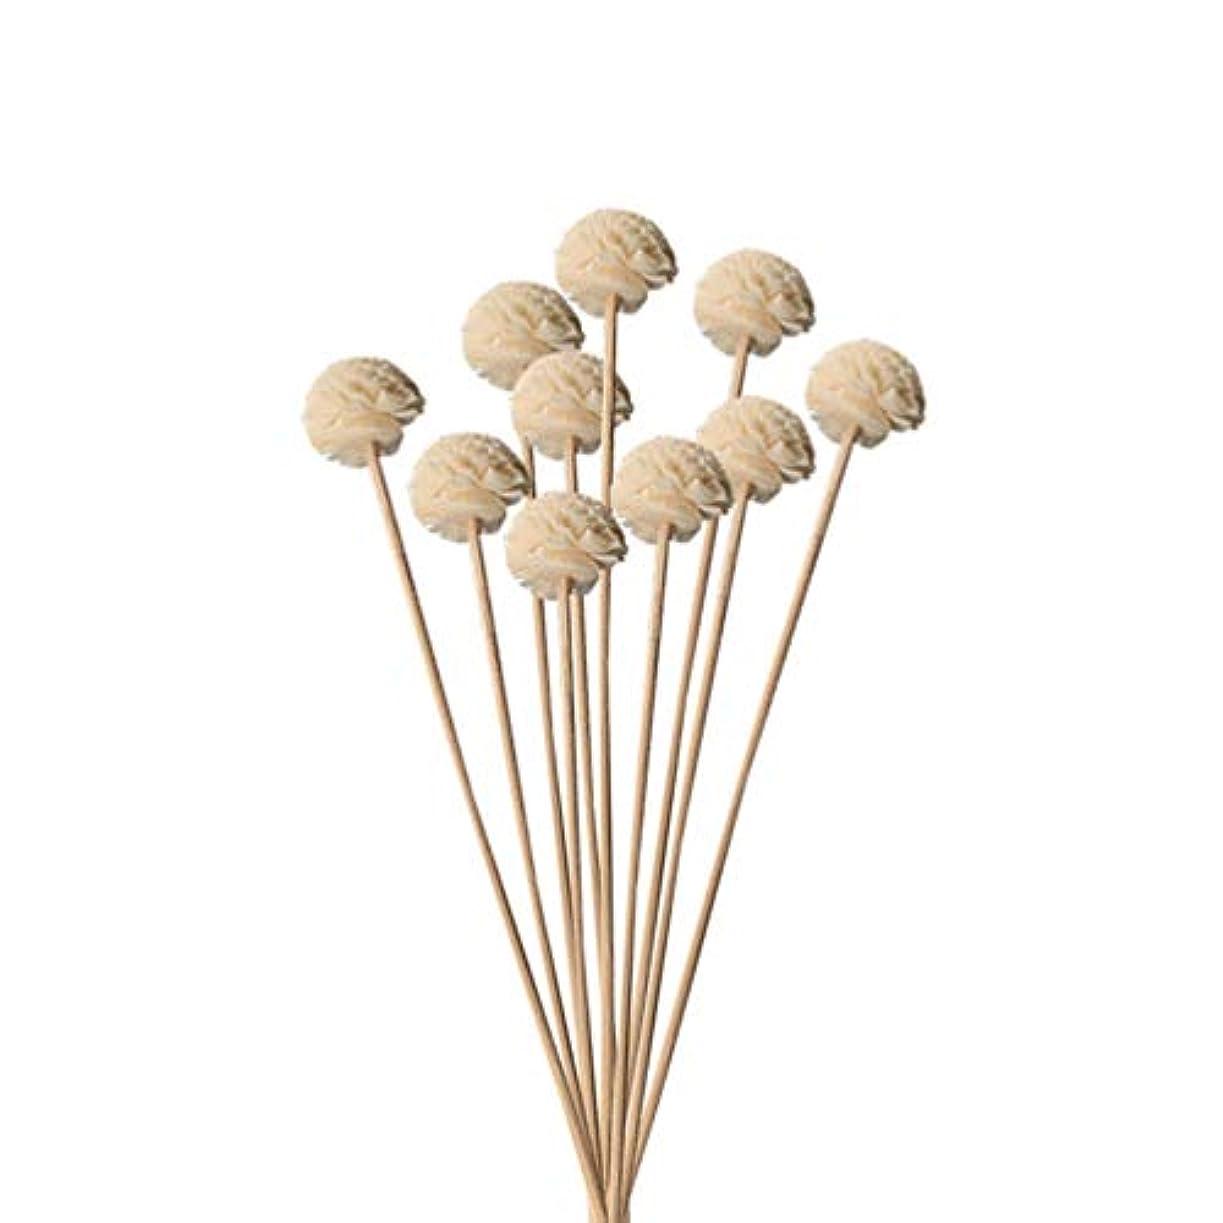 無限経営者知り合いHongma 10本入り 造花 ラタンスティック リードディフューザー用 リフィル 高品質 かわいい クラフト 本色